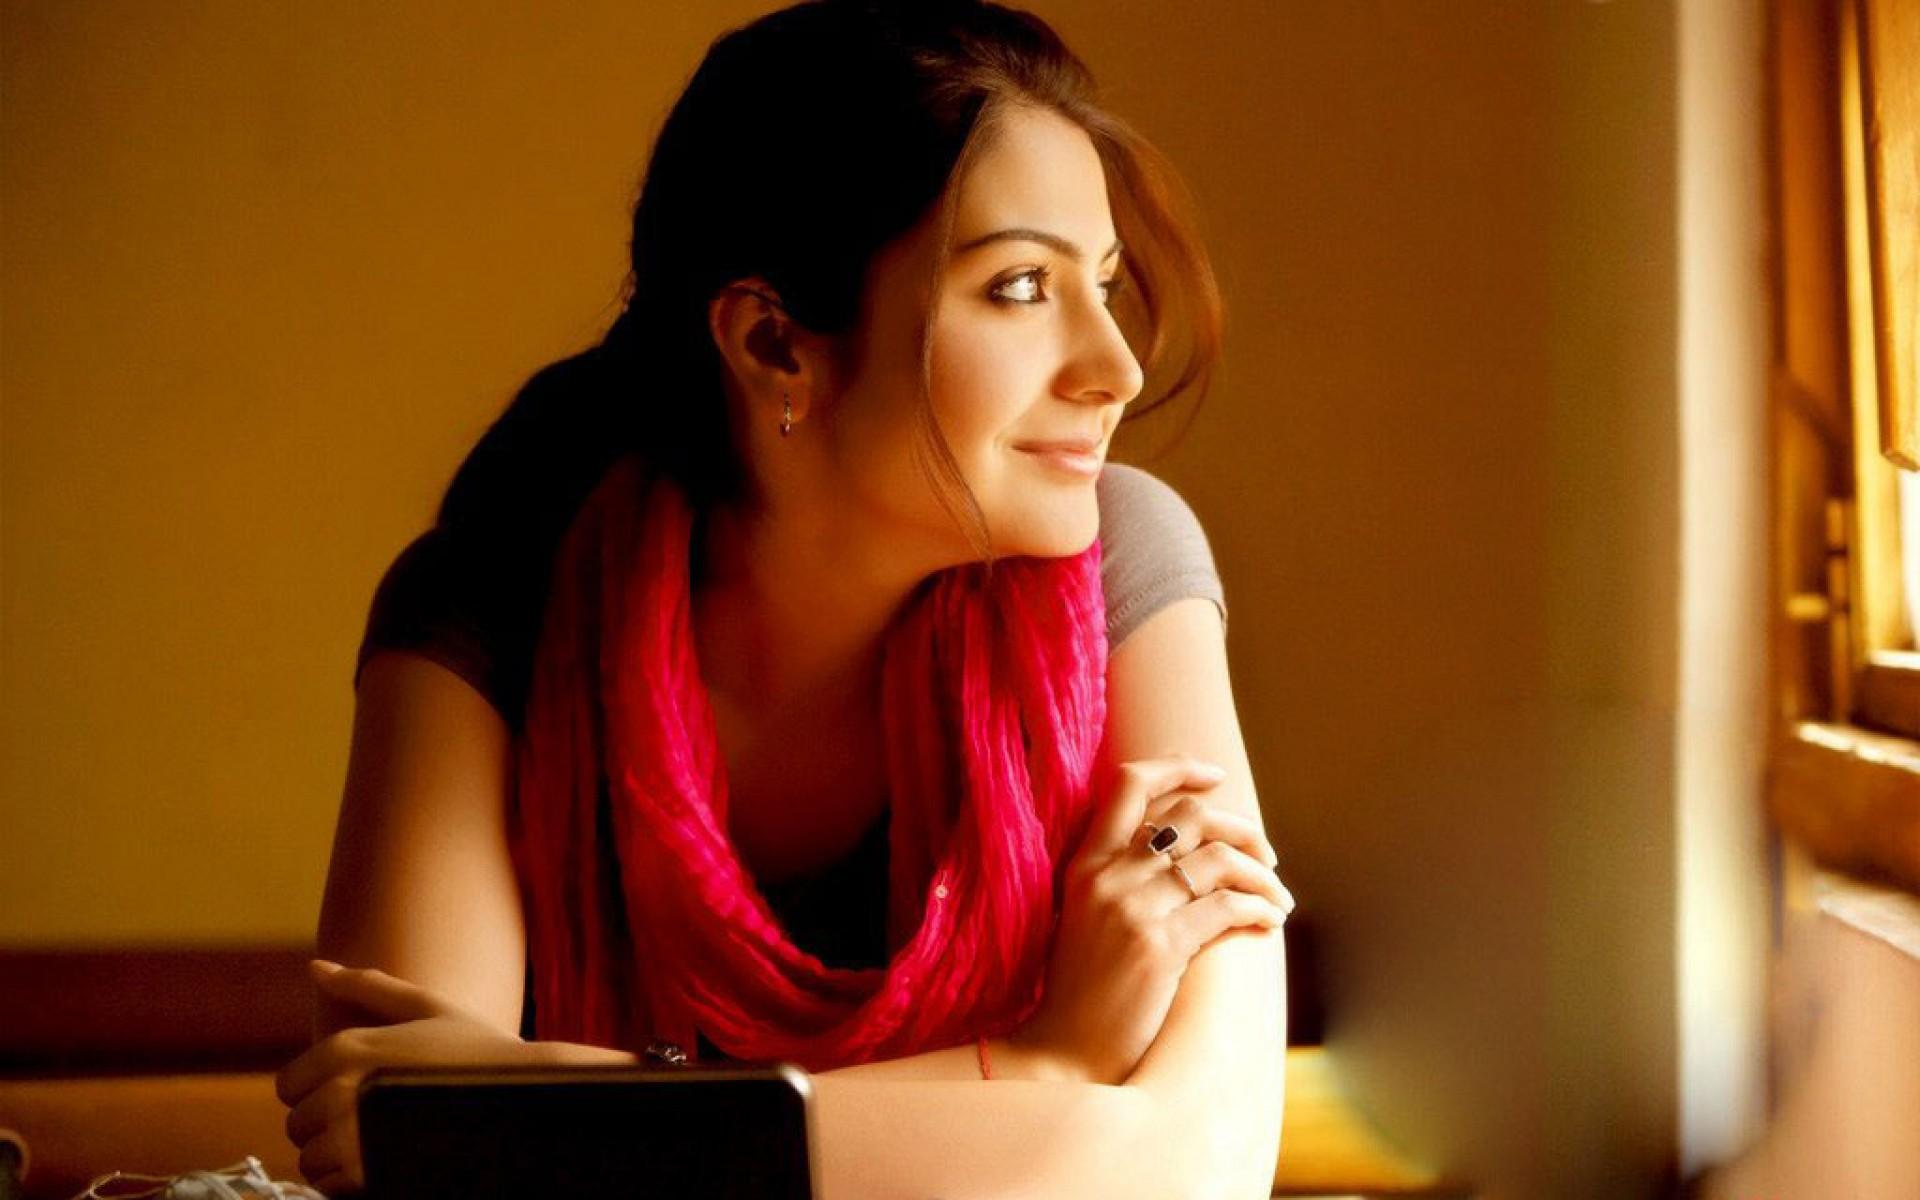 Indian actress Anushka Sharma eager for Pakistan visit